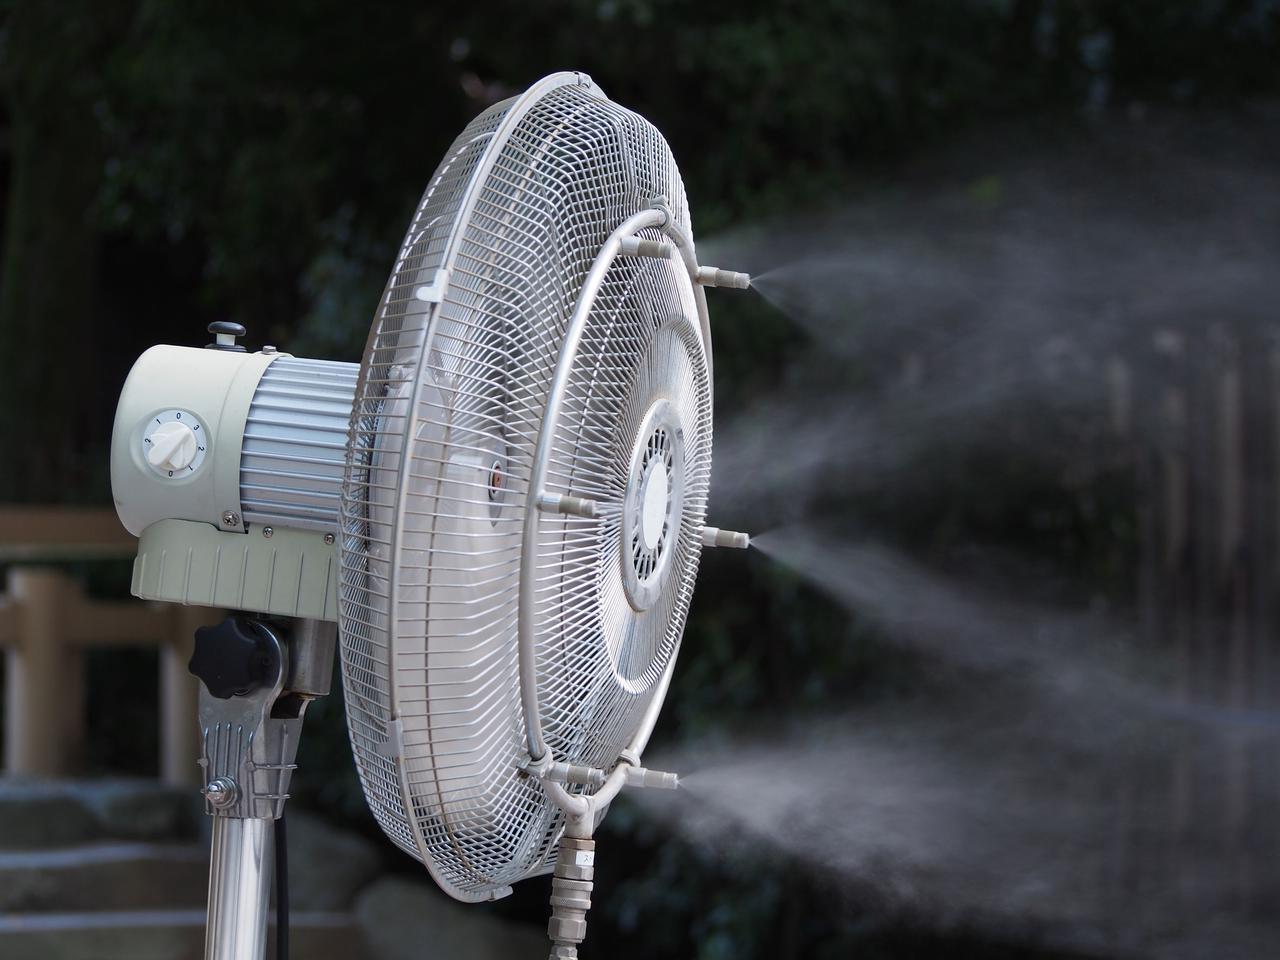 画像: 真夏の暑さ対策!「扇風機+保冷剤」の組み合わせでクーラーのように冷んやり涼しい風になる